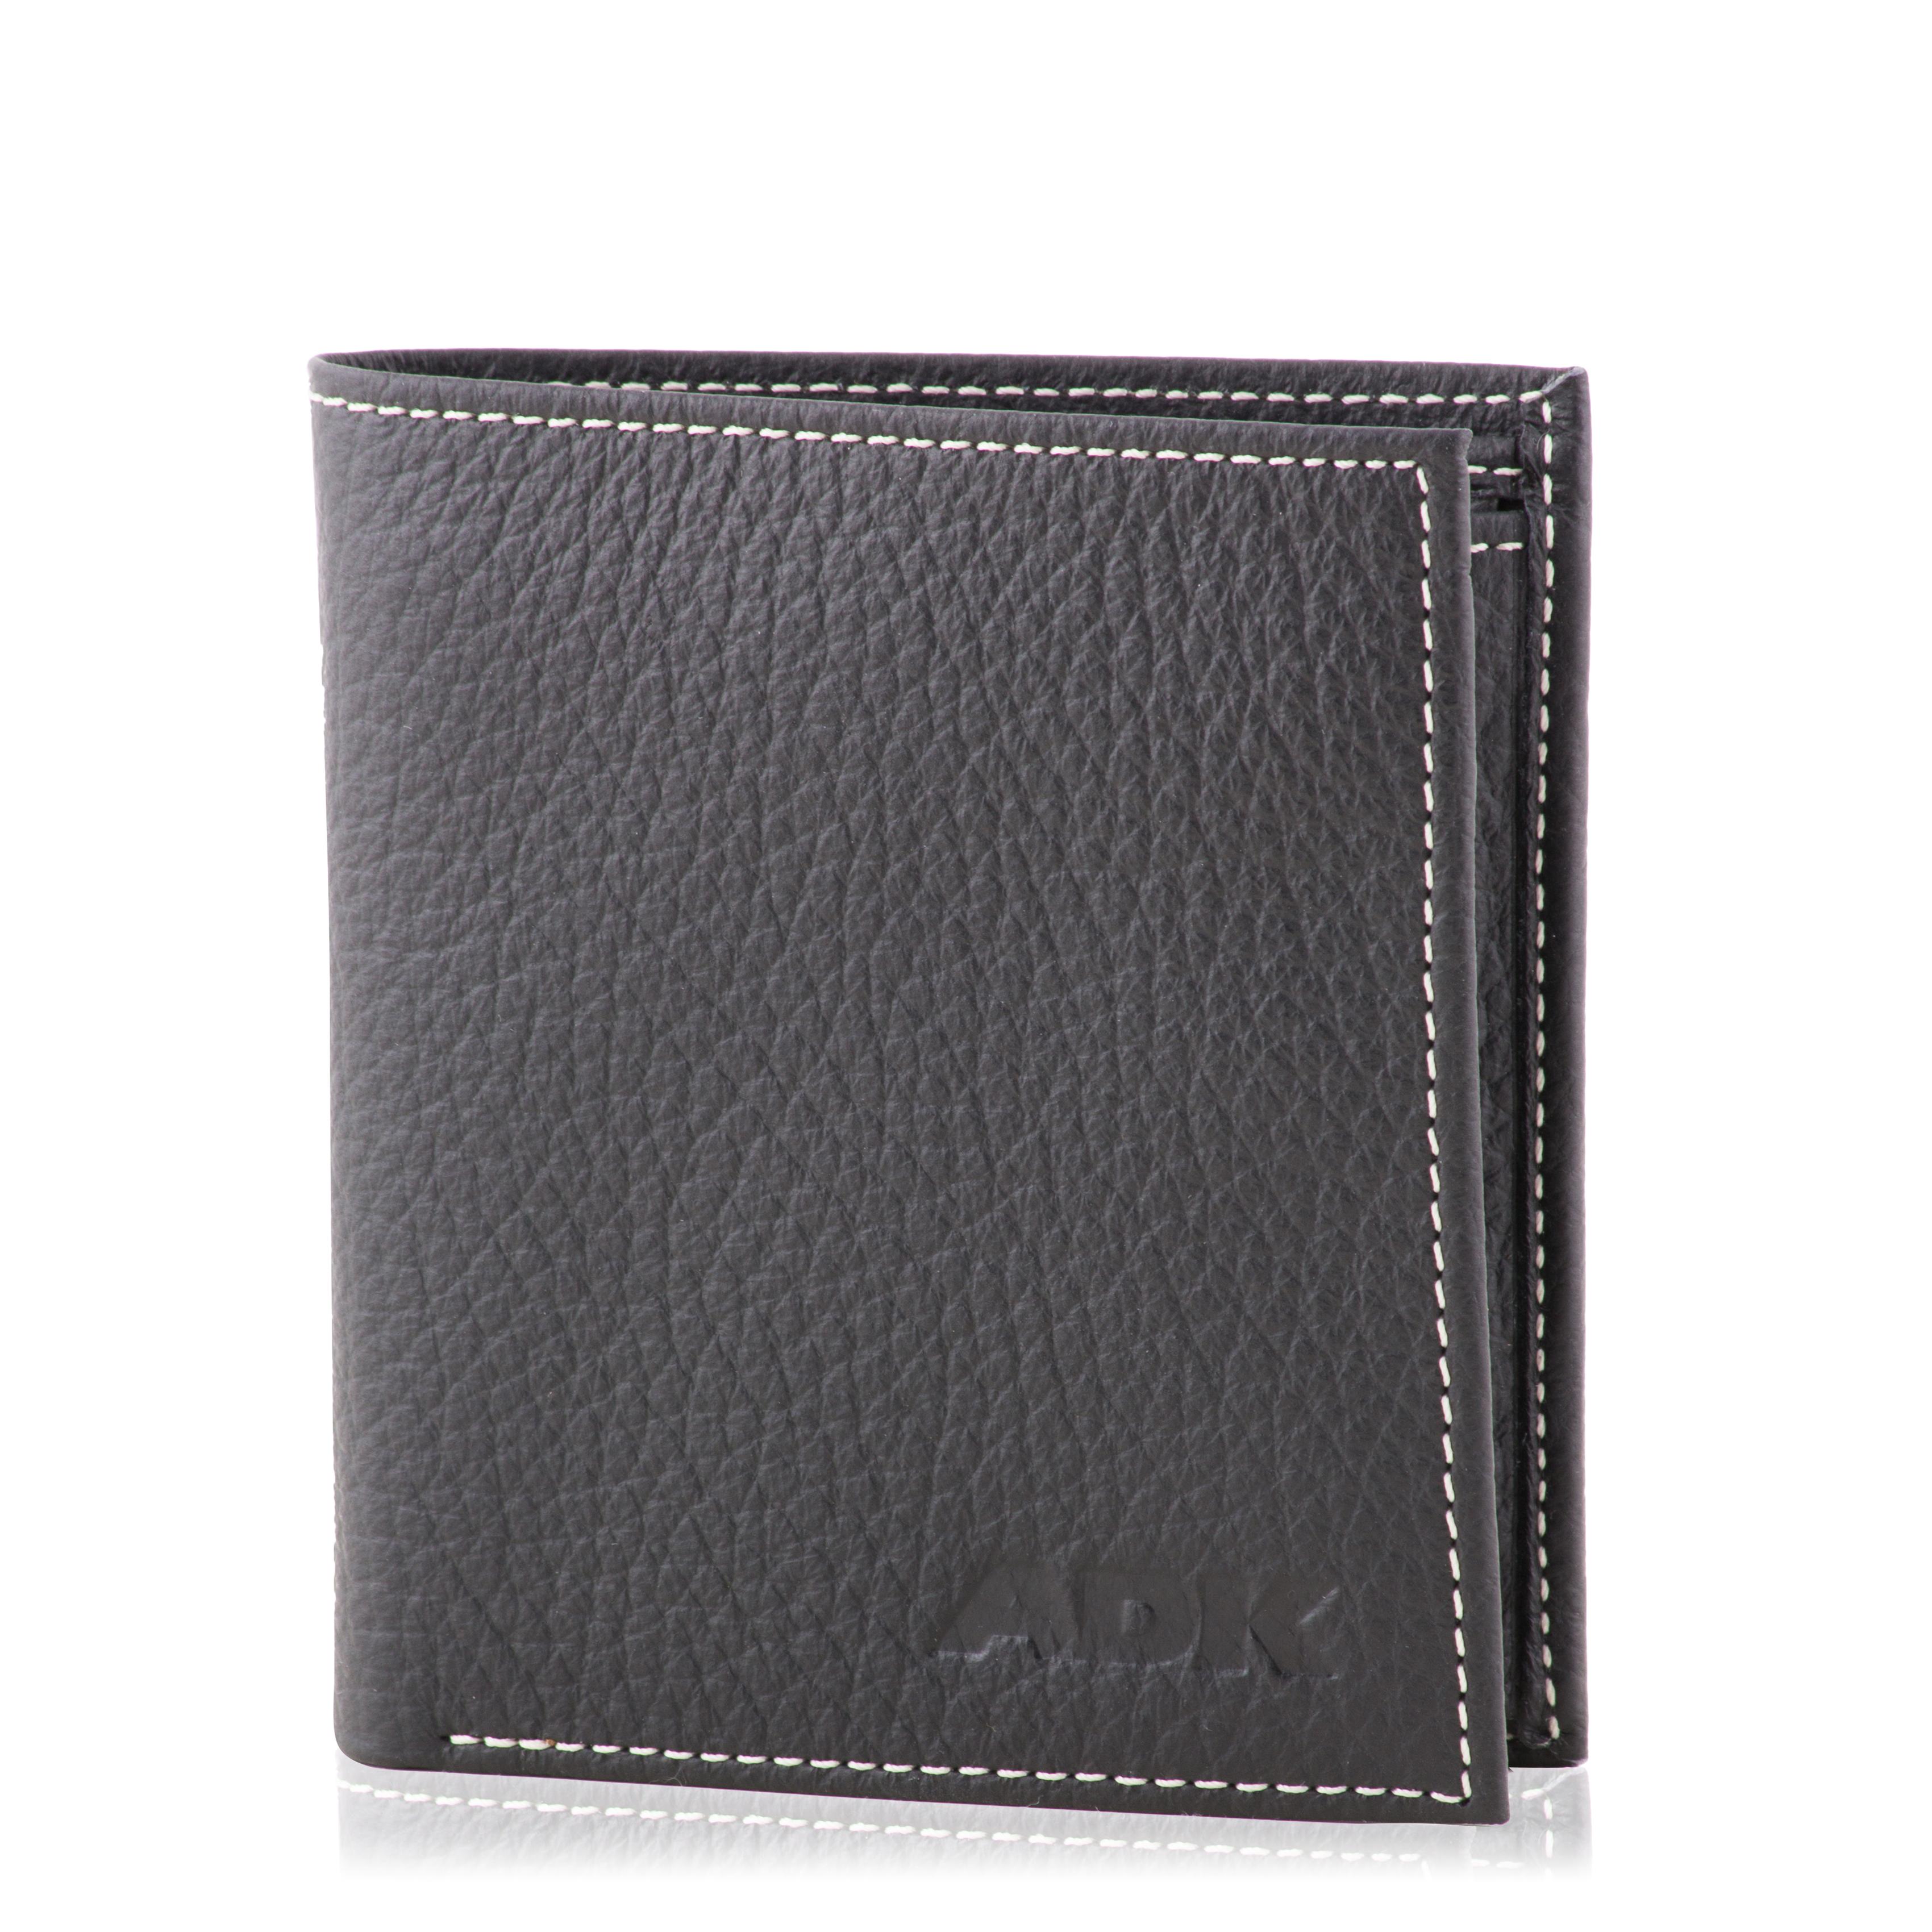 Pánská peněženka ADK Bond černá